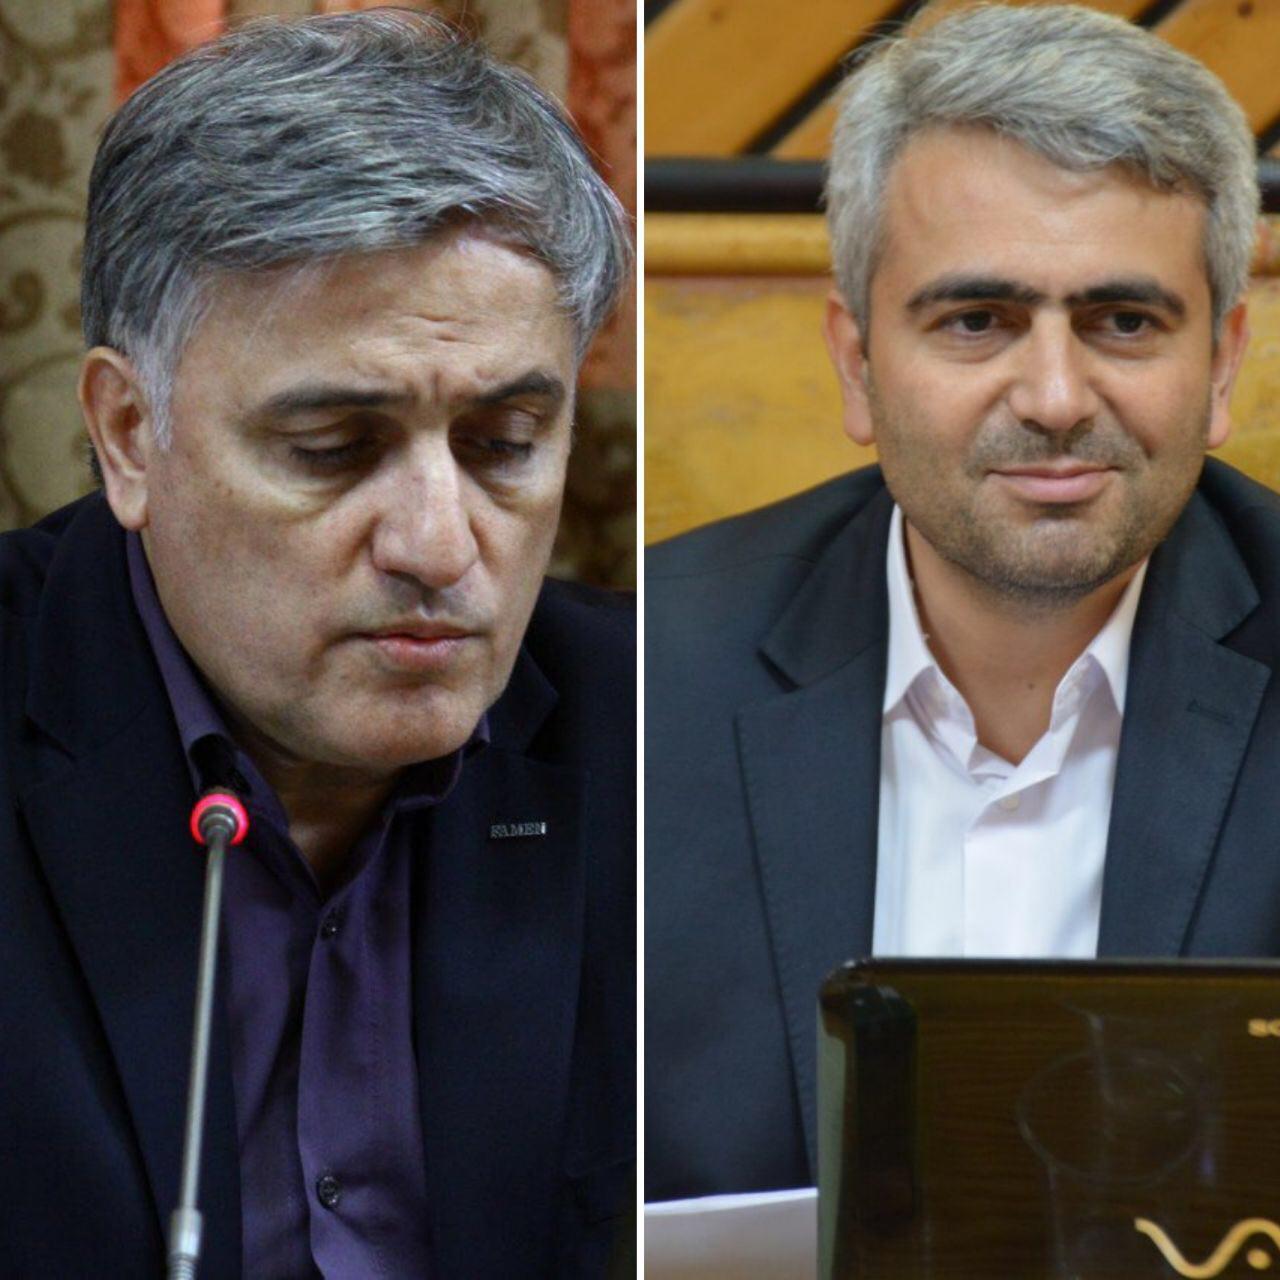 دو گزینه نهایی شهرداری بندرانزلی مشخص شدند/شهردار روز یکشنبه معرفی می شود